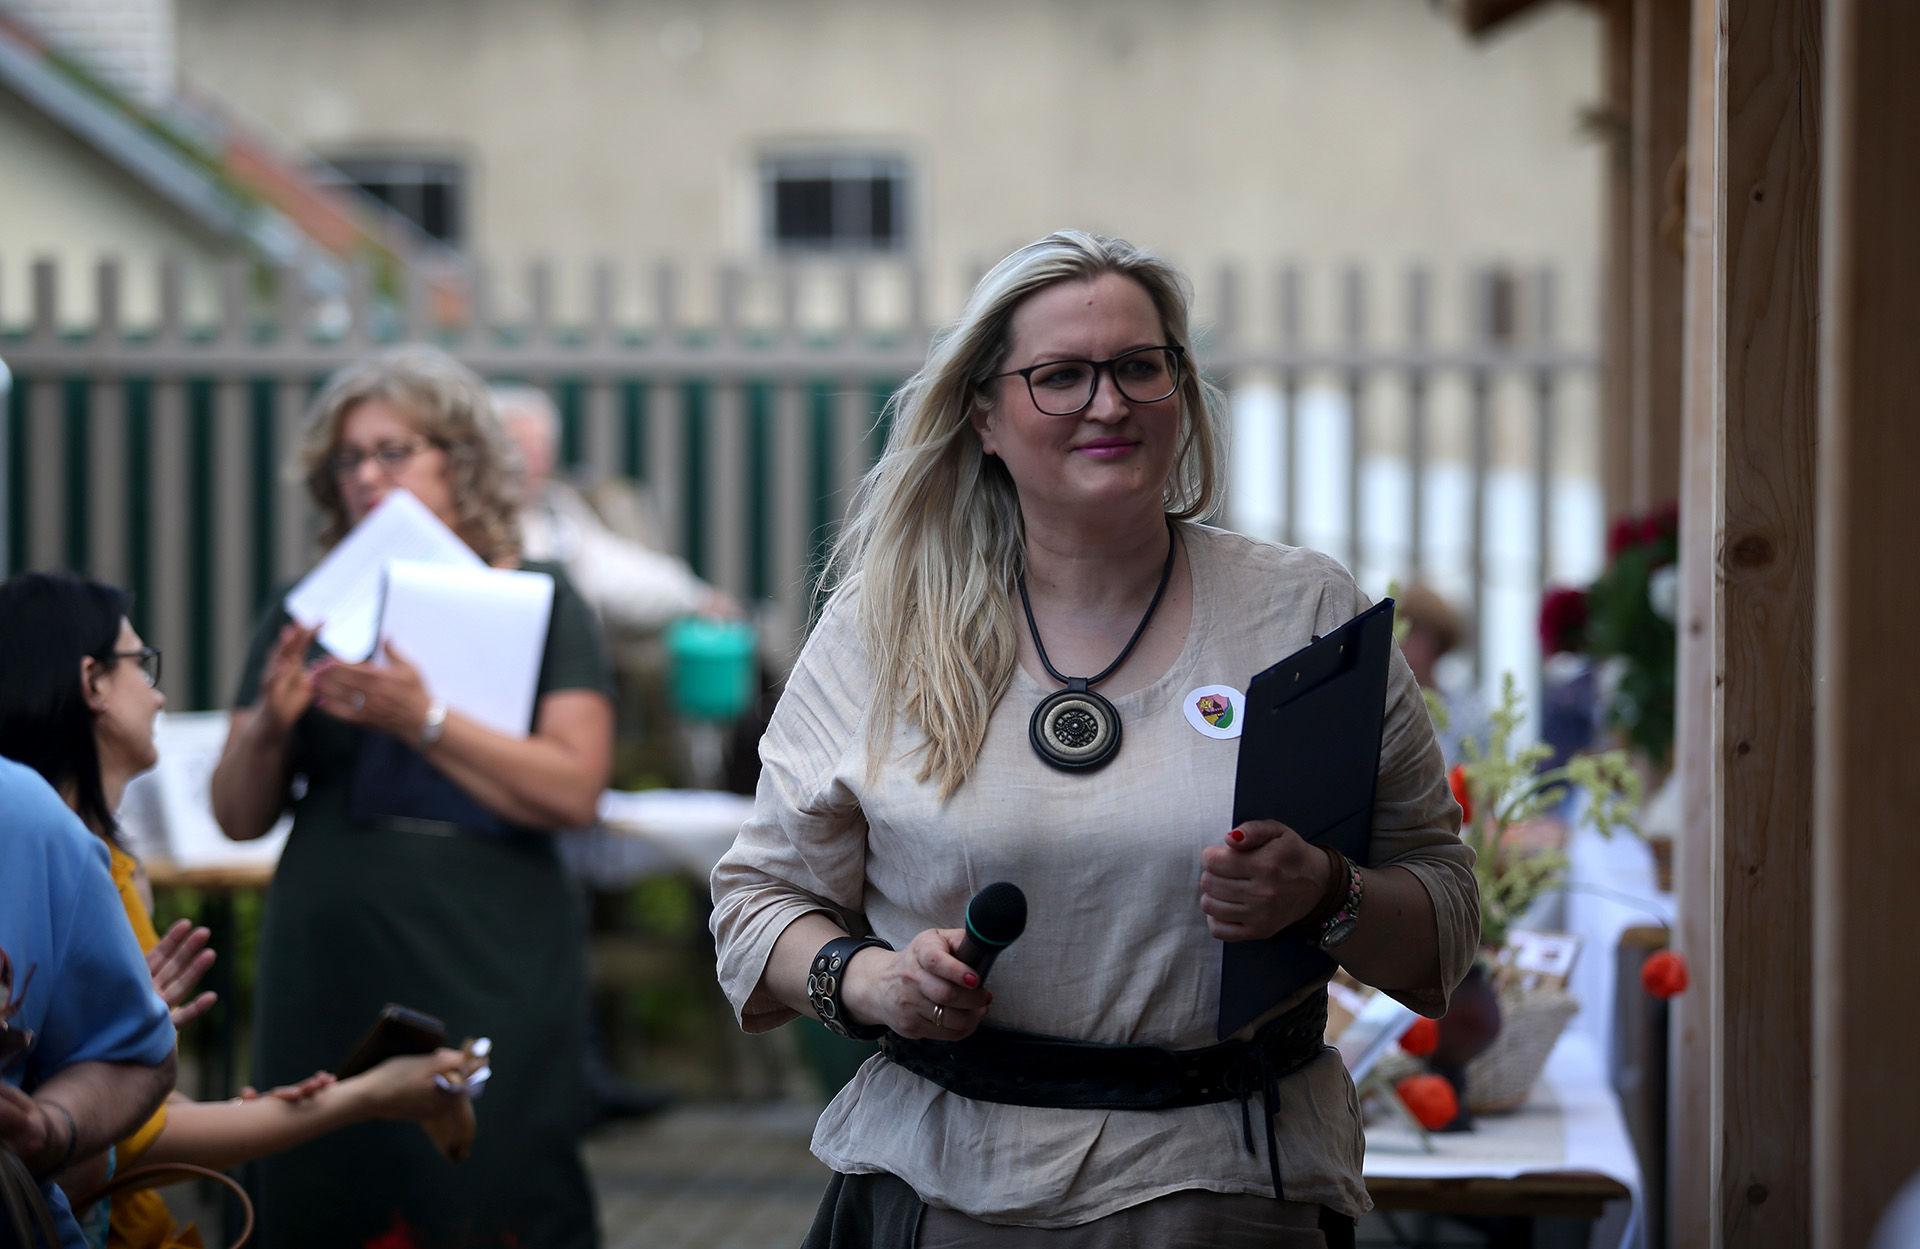 Labūnavos bendruomenės pirmininkė Jurgita Vaitiekūnienė džiaugiasi susikūrusią bendruomenę vienijančiu besąlygišku bendrumo jausmu, kuris verčia galvoti ne tik apie save, bet ir apie šalia esantį. A. Barzdžiaus nuotr.